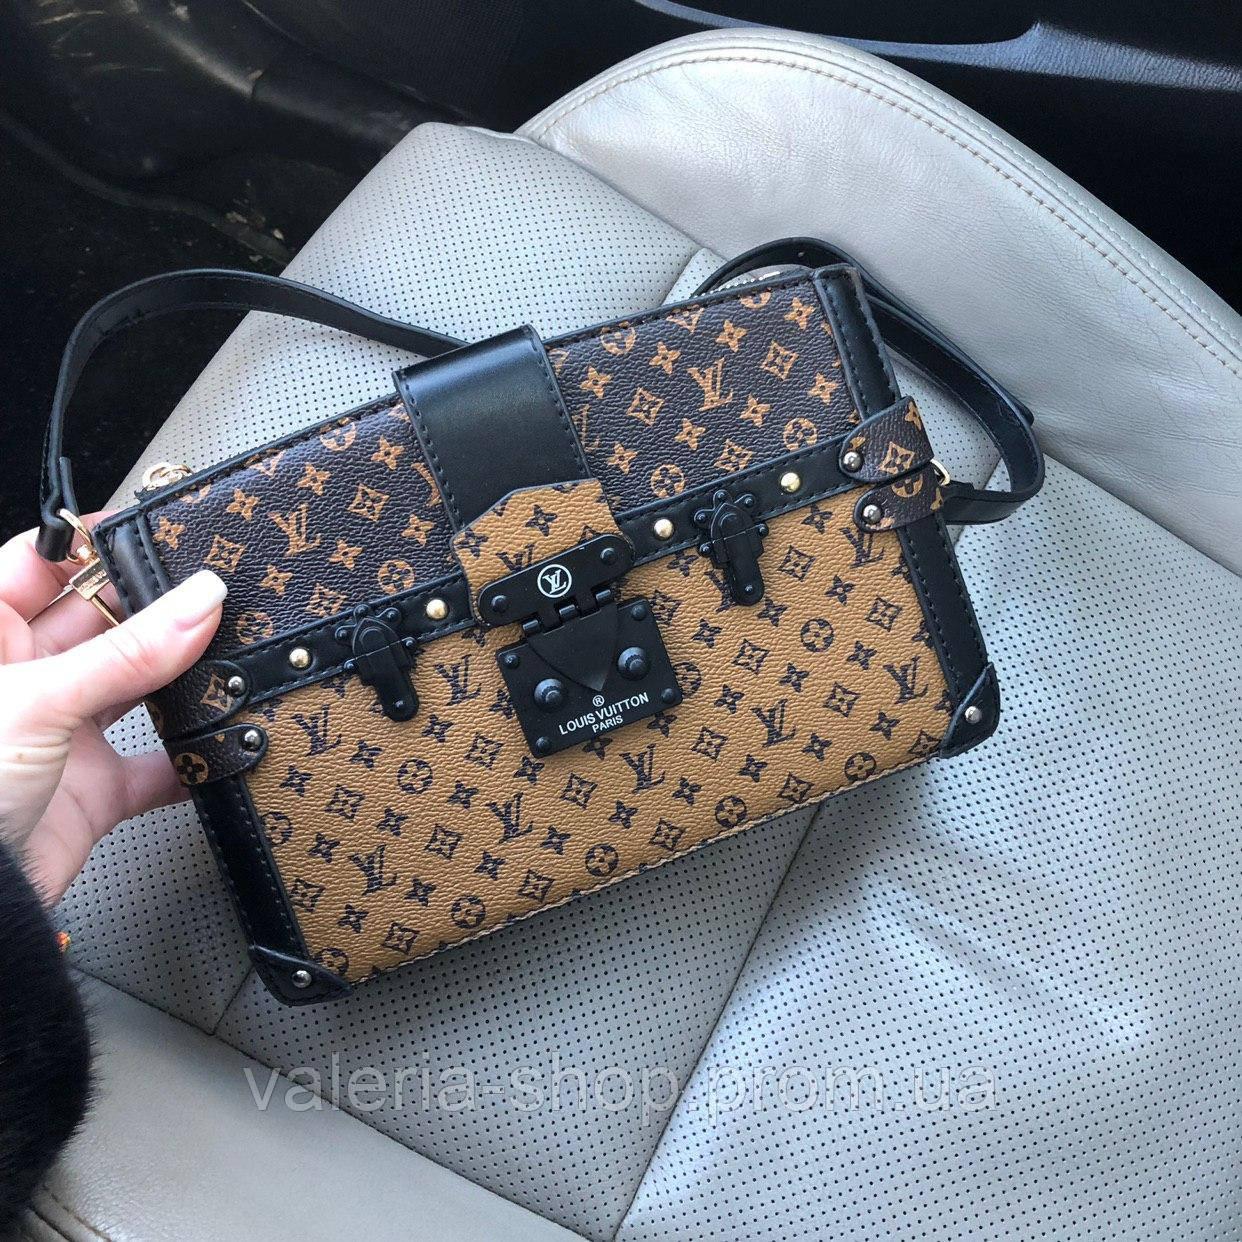 Сумка копия Louis Vuitton Модель через плечо